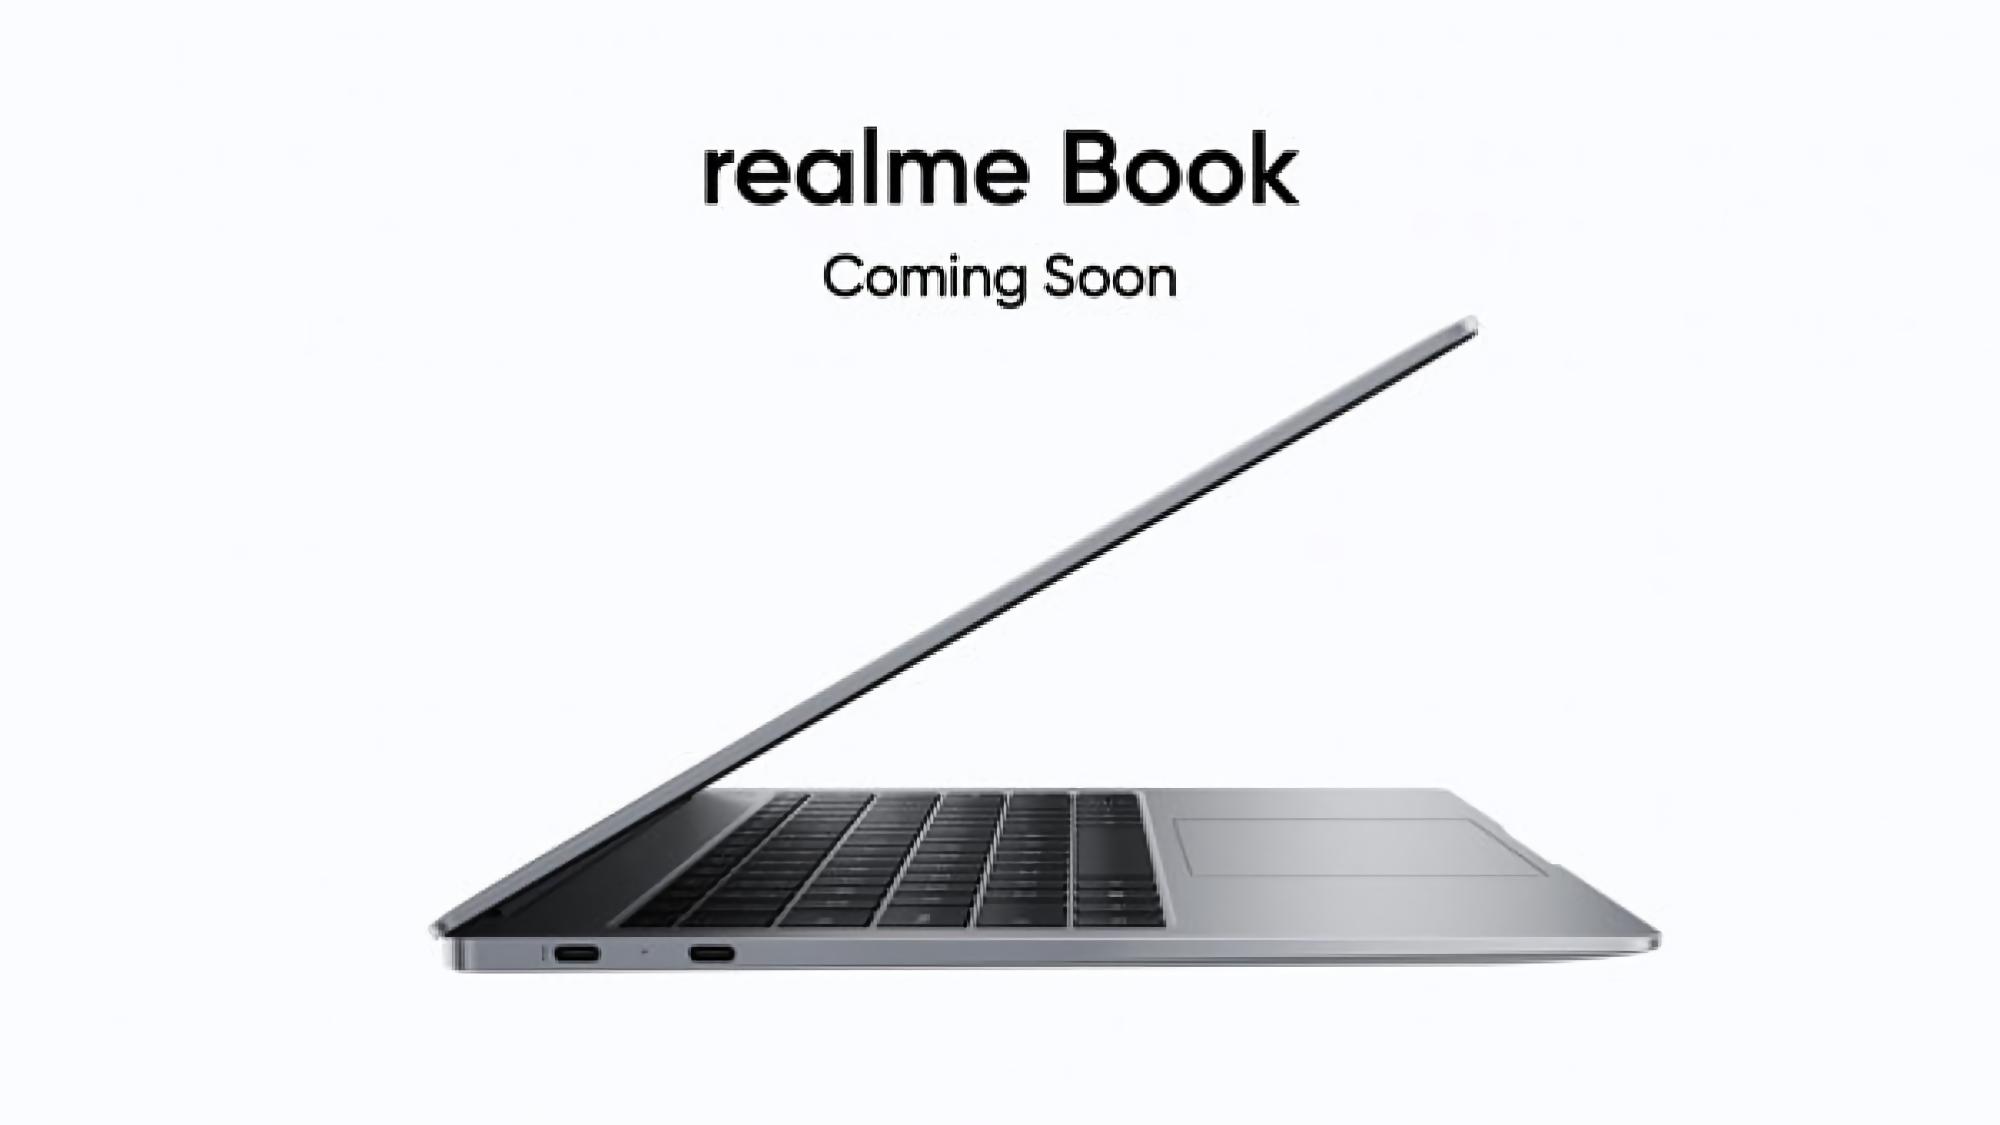 Realme официально подтвердила, что готовит к выходу ноутбук Realme Book и планшет Realme Pad